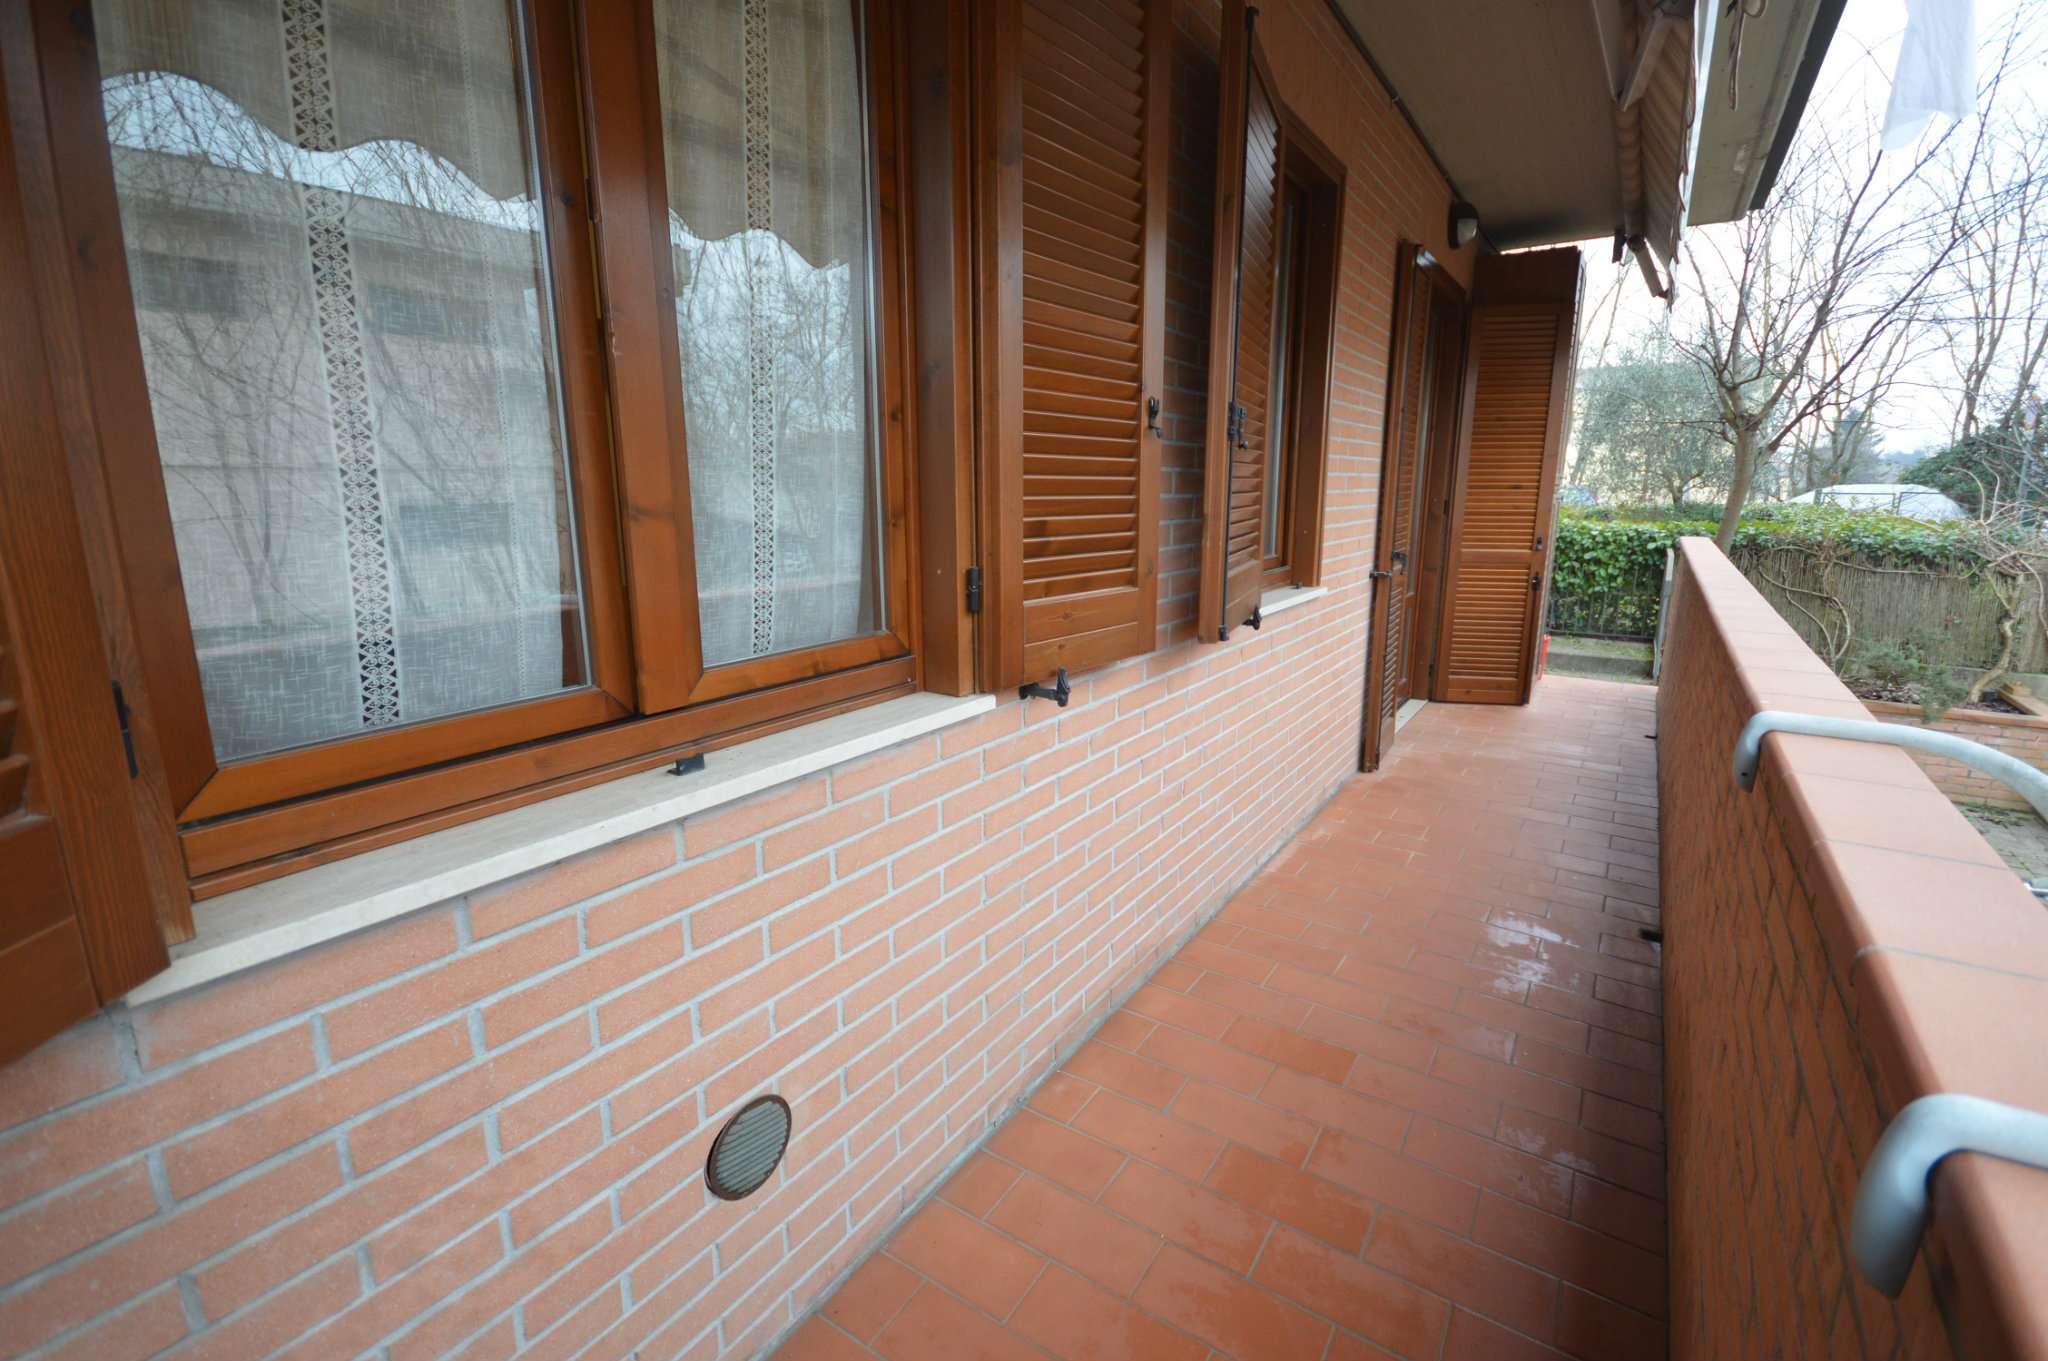 Appartamento in vendita a Montevarchi, 3 locali, prezzo € 99.000 | Cambio Casa.it